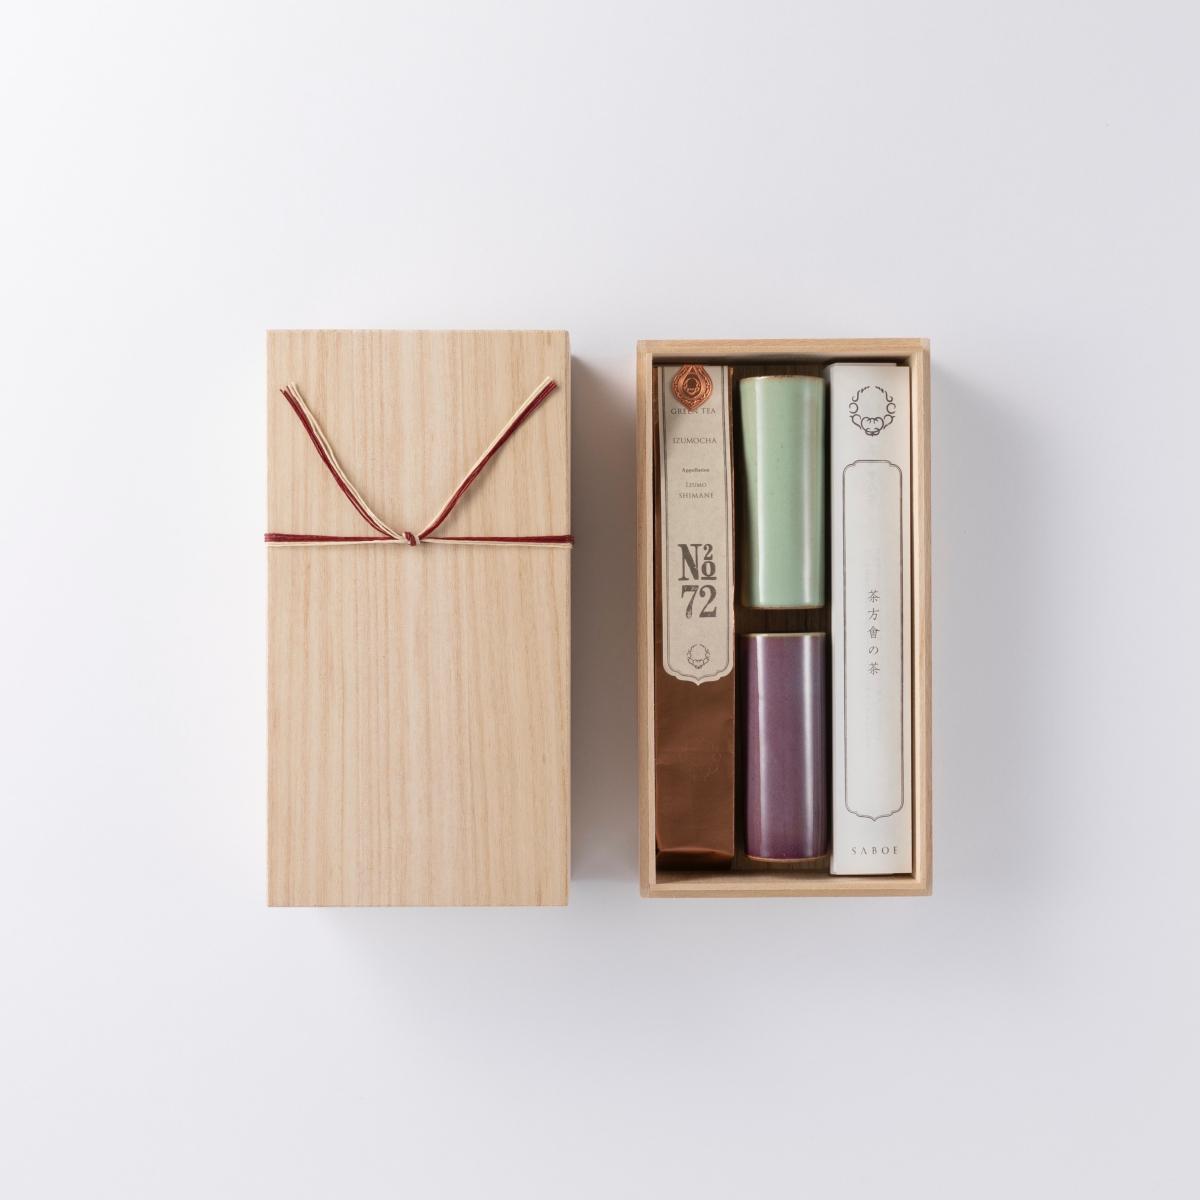 香り高い茶葉と洒落た湯呑みの限定セット【HIGASHIYA man 丸の内】